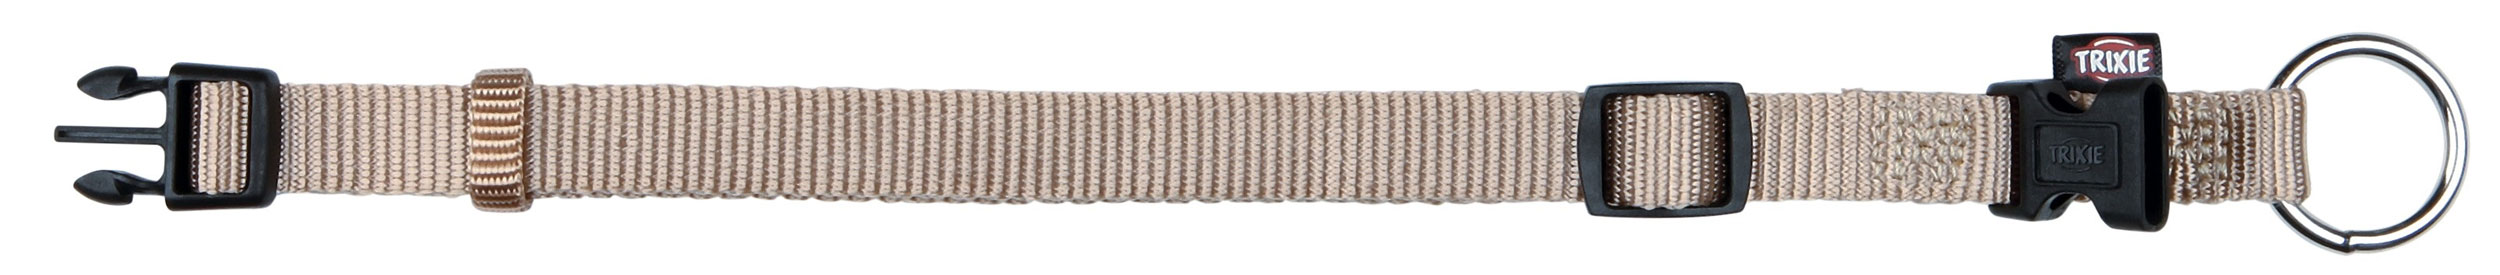 Halsband Premium verstellbar Nylon TRIXIE Größe S-M beige Bild 1